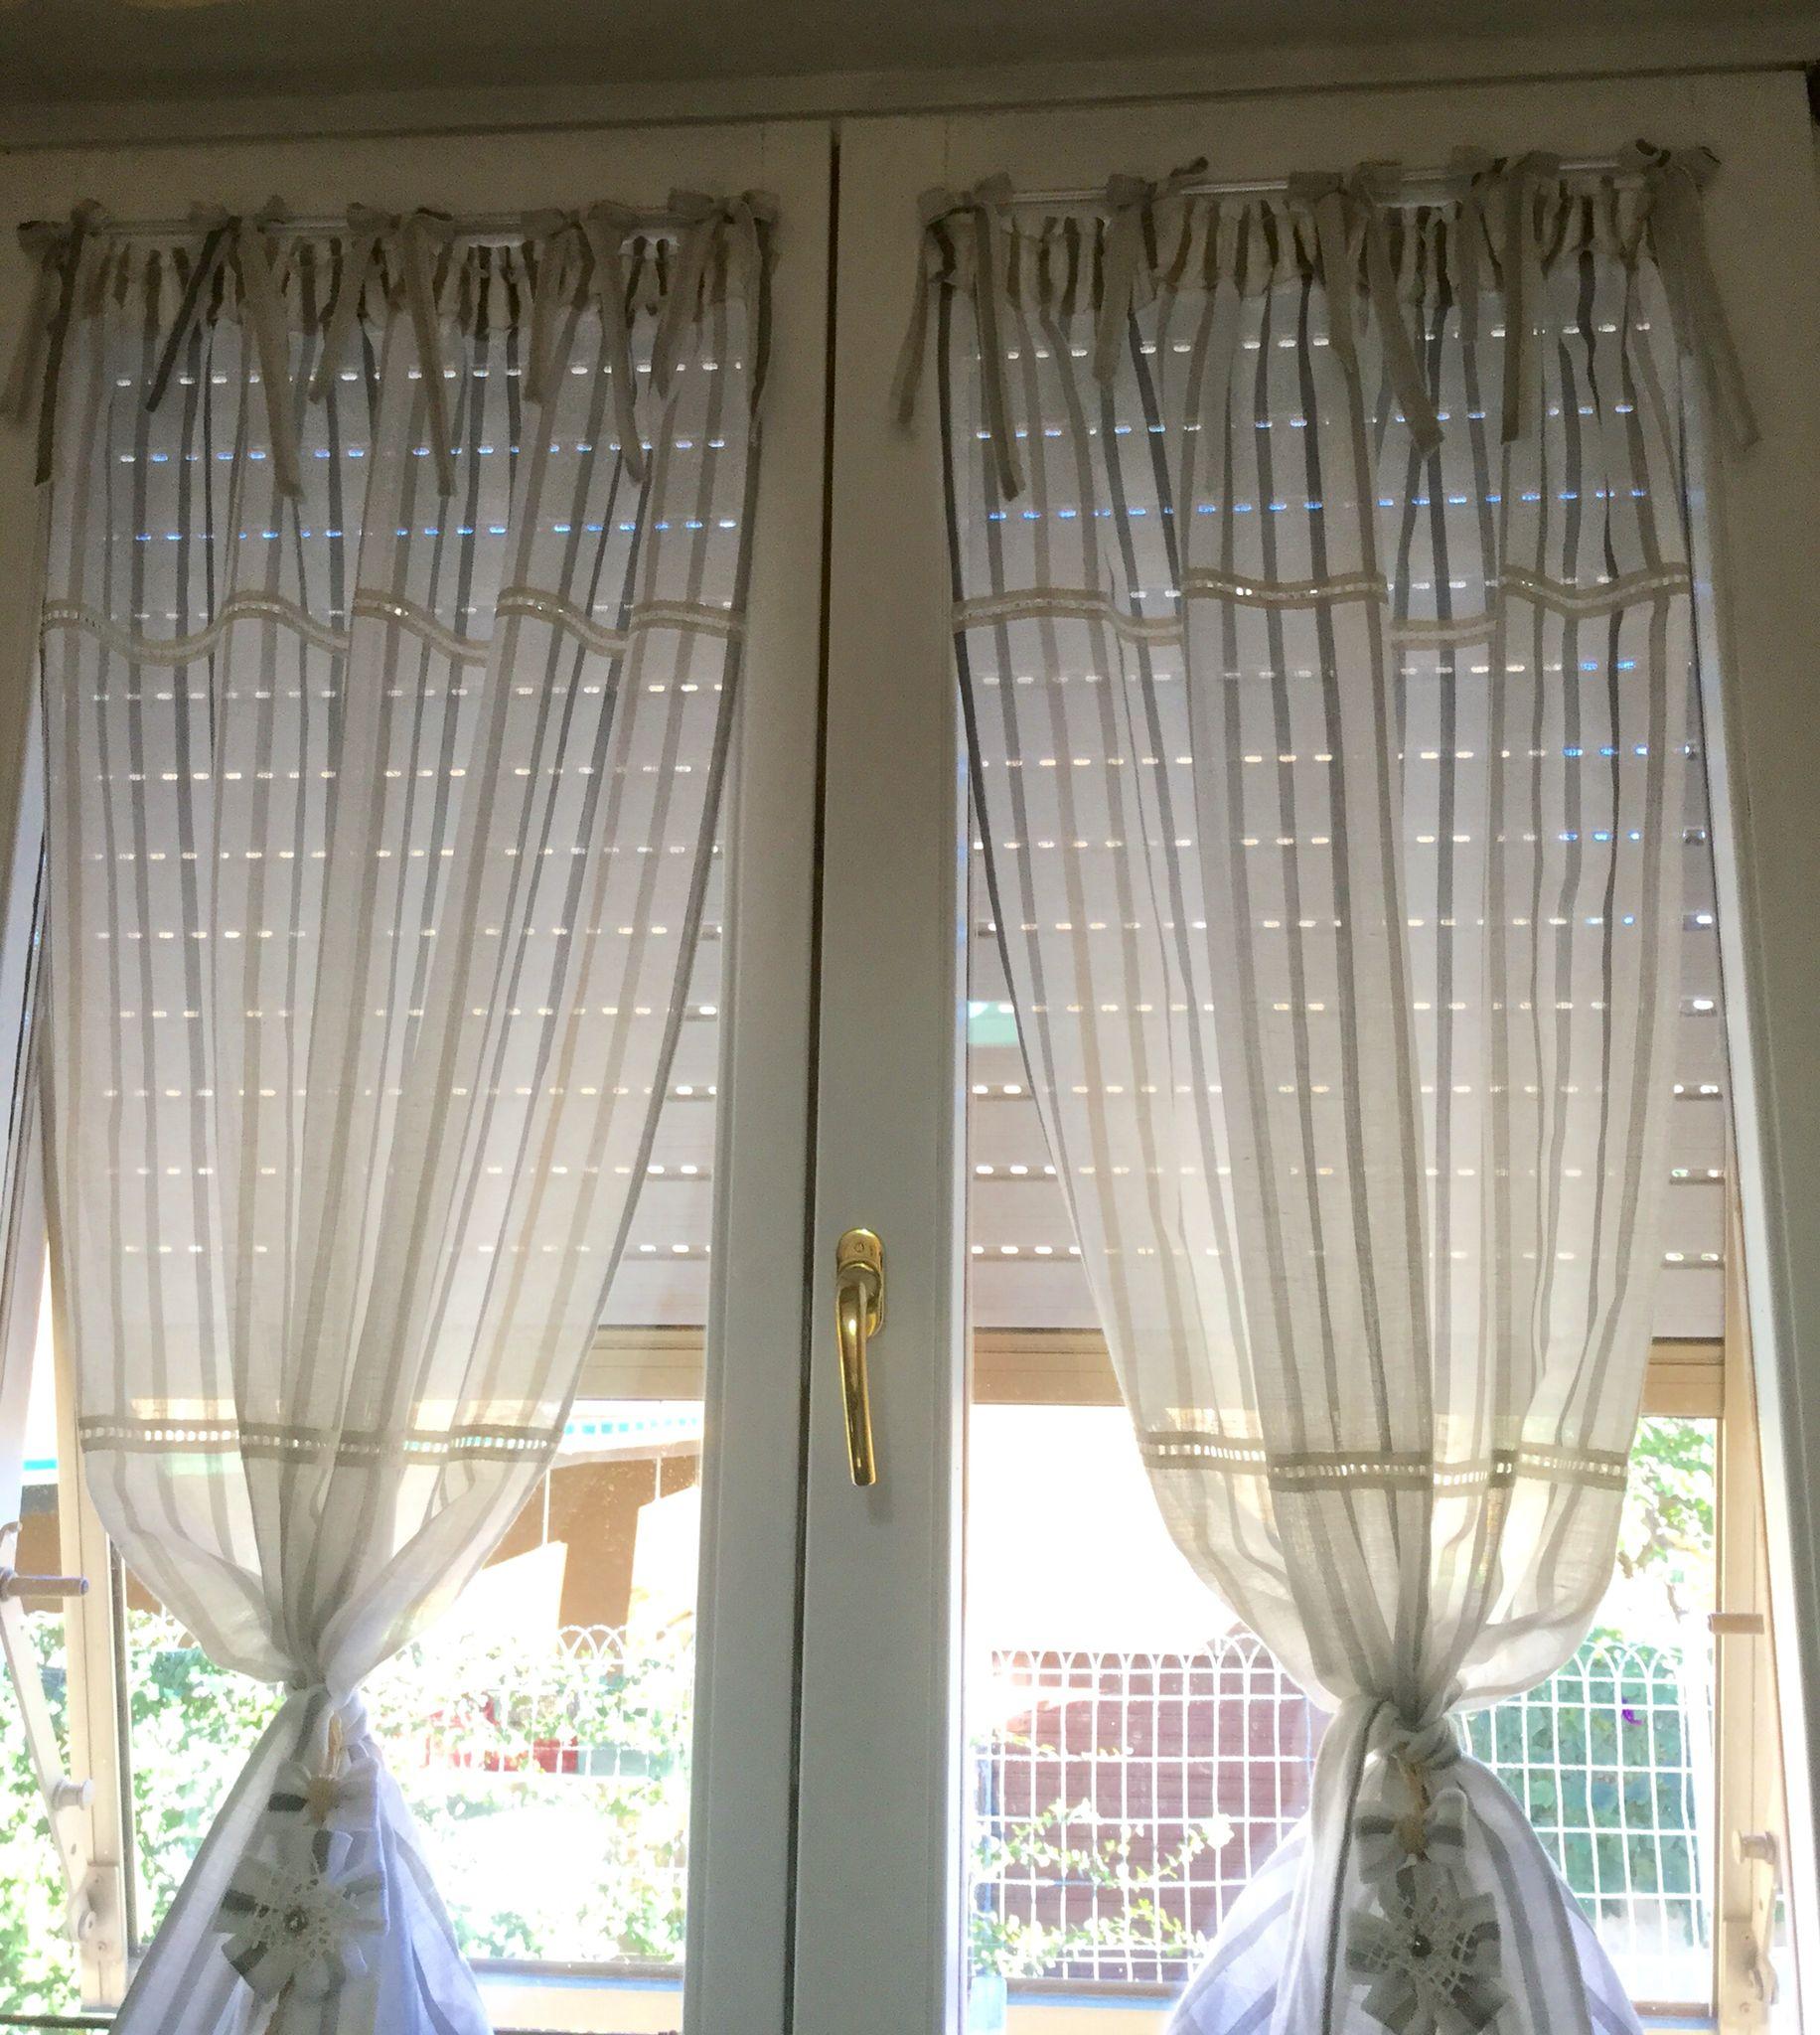 Finestre con tende interne excellent tende per finestre quali modelli scegliere per una casa di - Finestre con tende interne ...